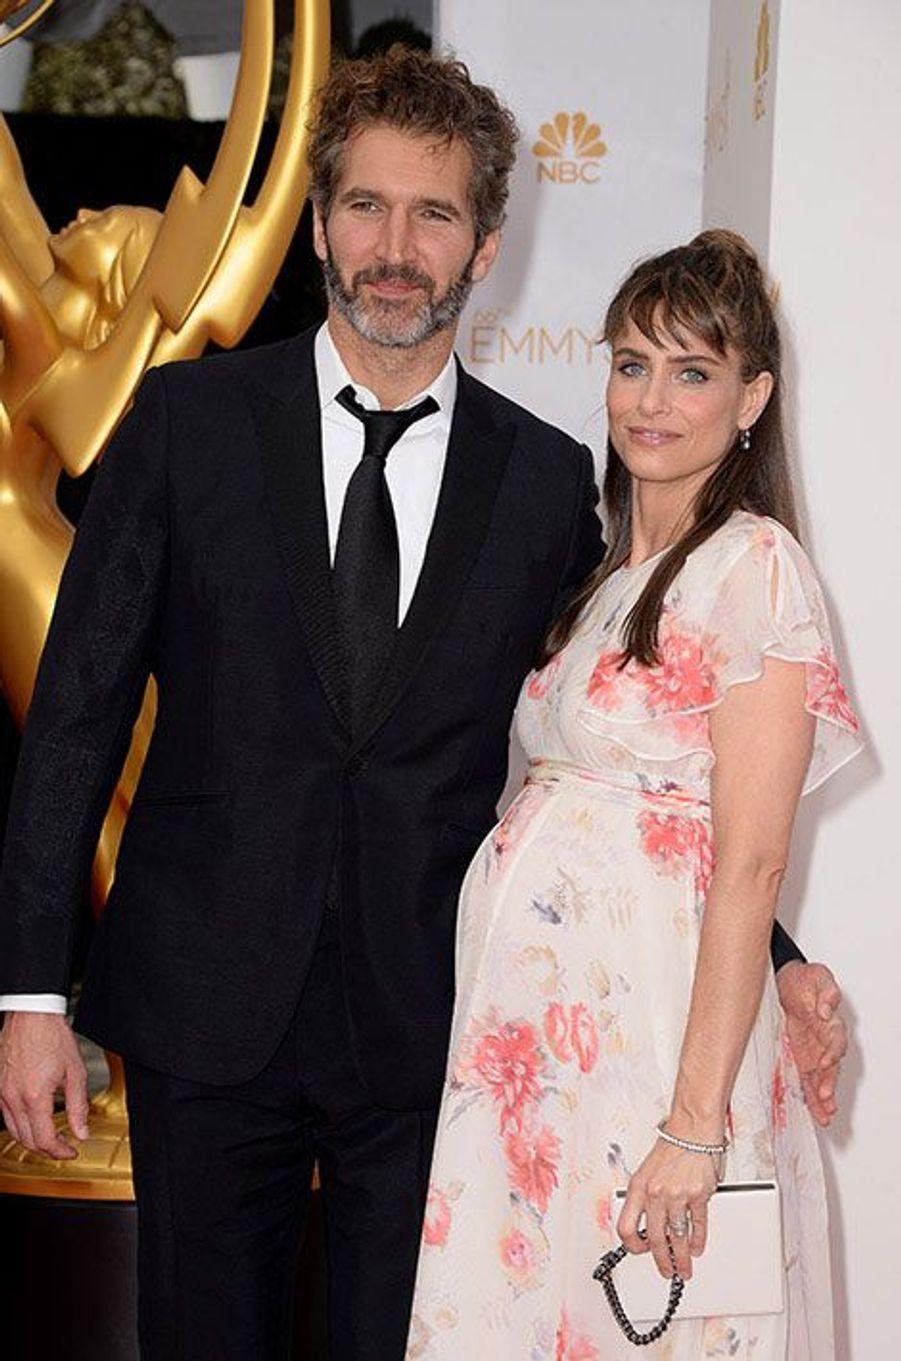 David Benioff et Amanda Peet aux Emmy Awards 2014